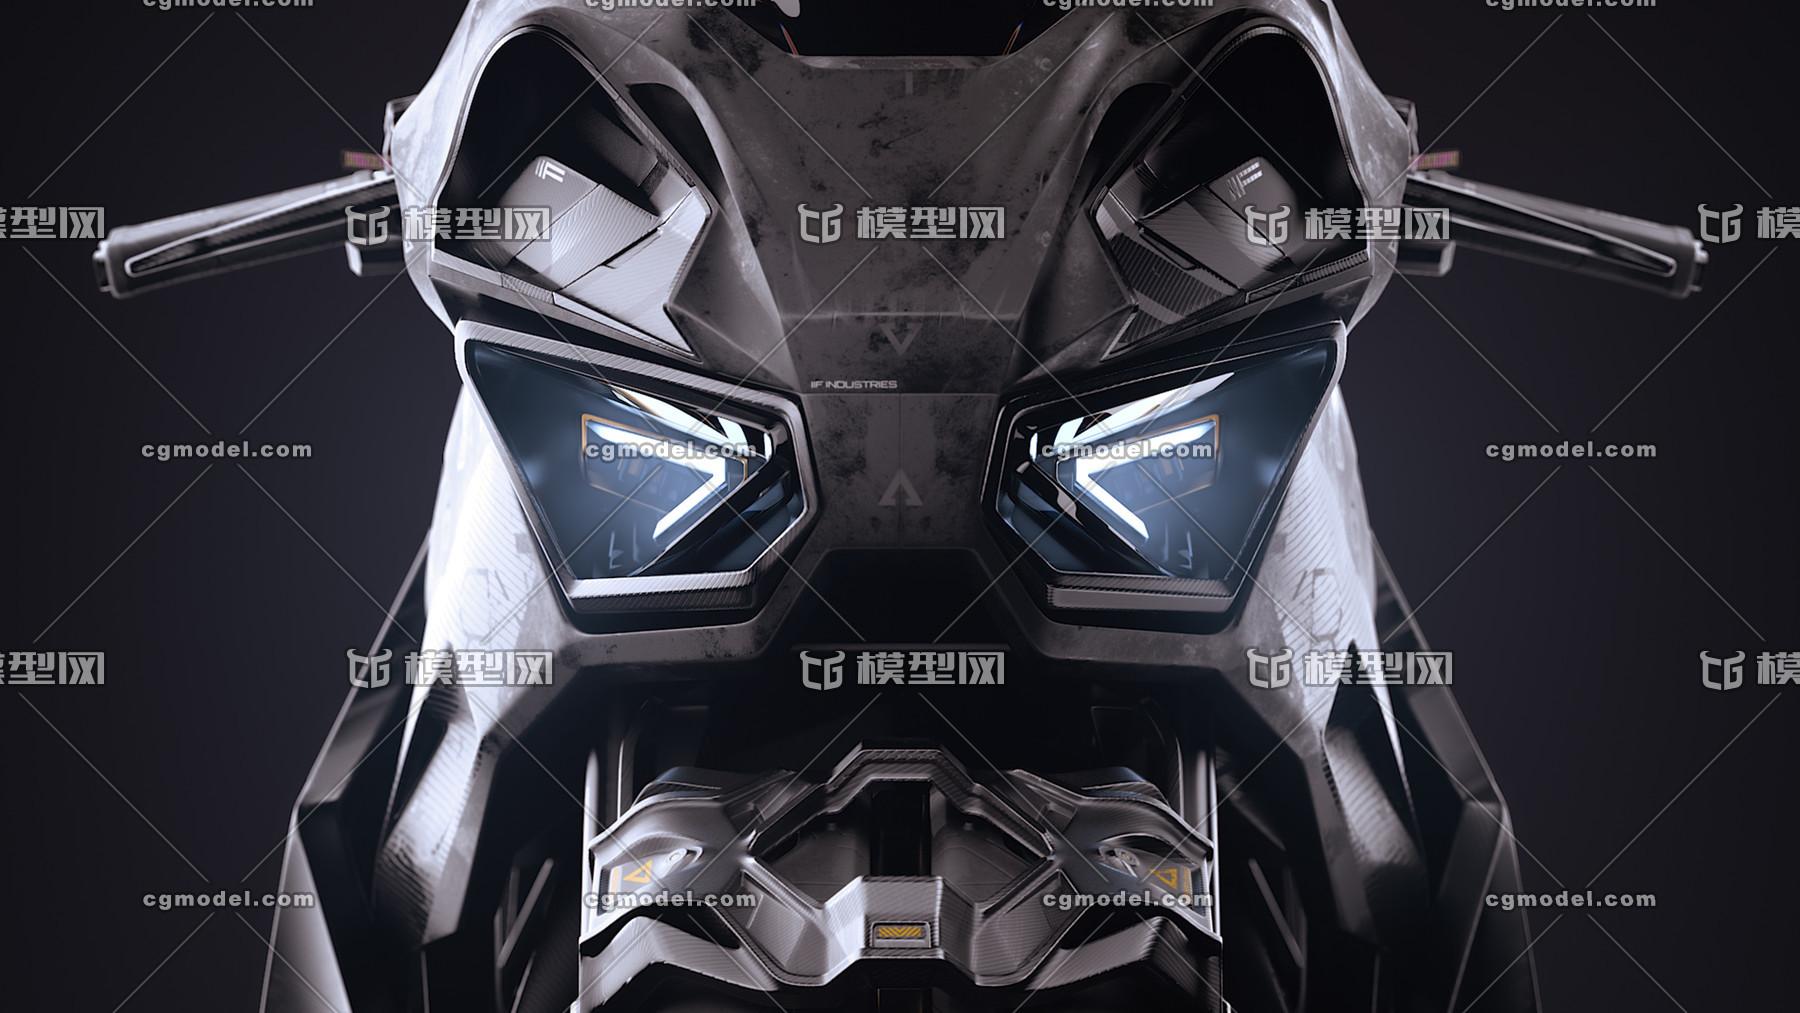 超酷摩托车 产品级别